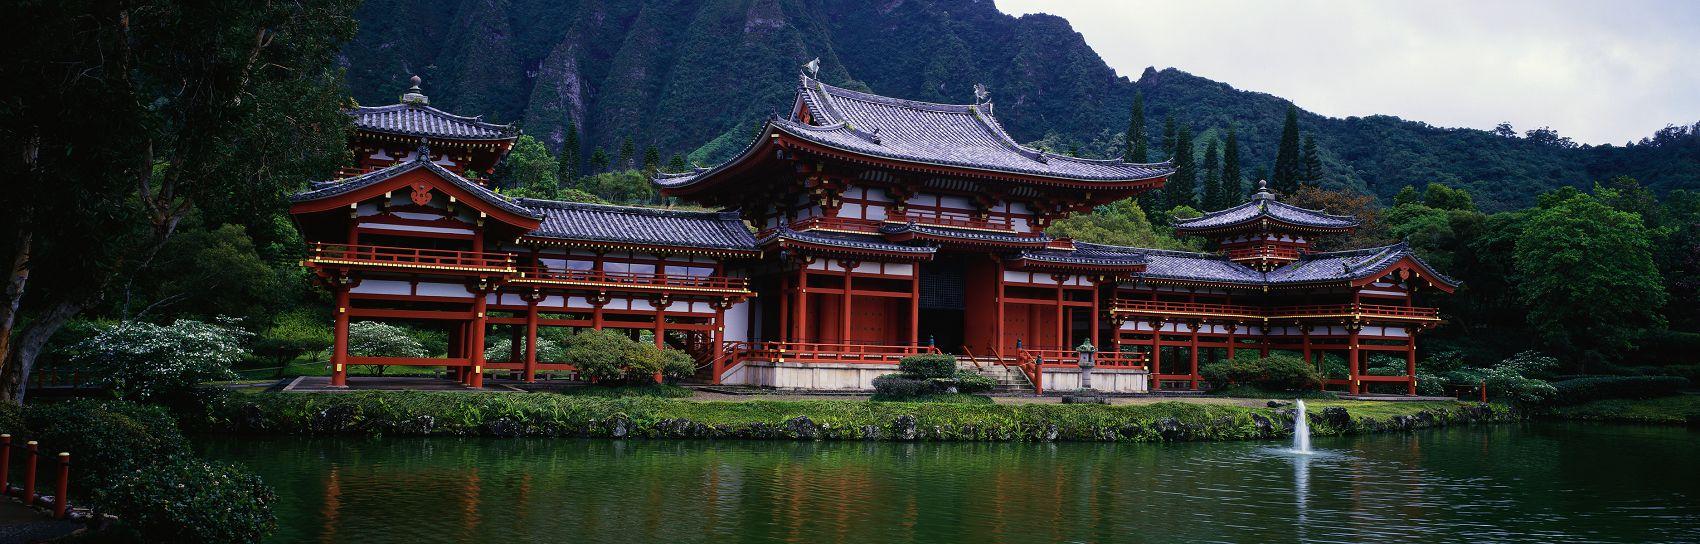 Традиционная архитектура Китая